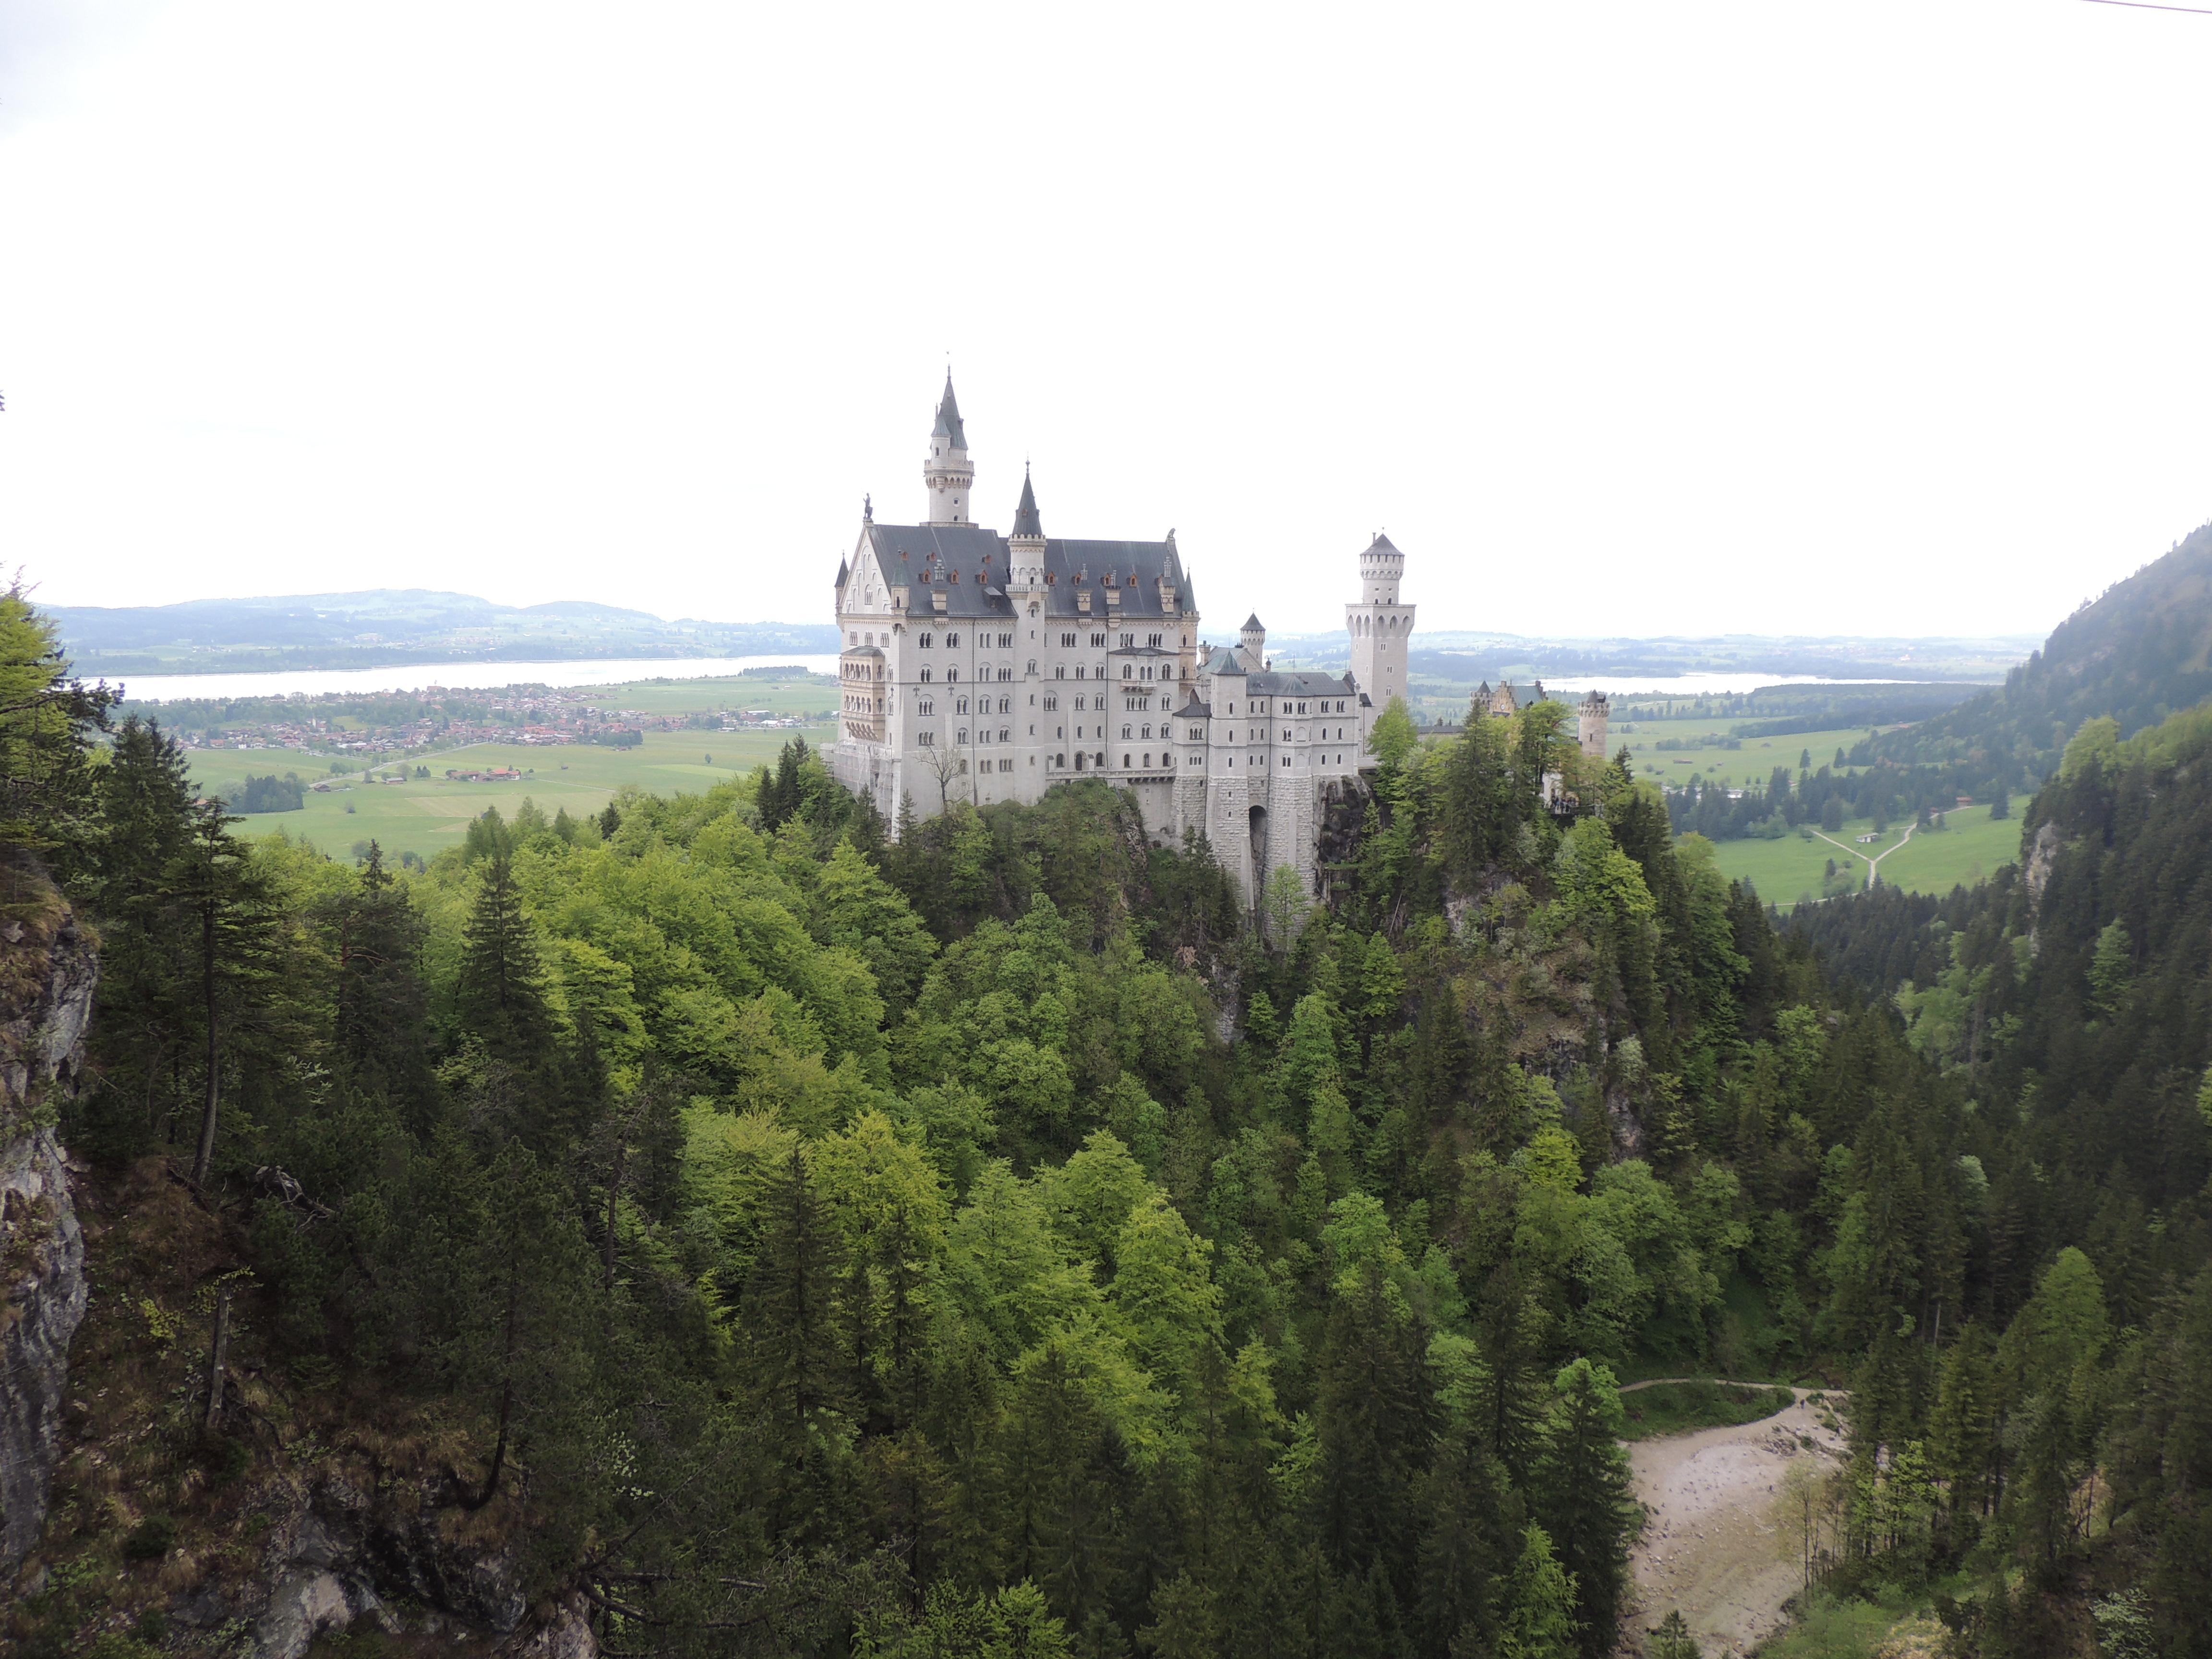 Castelo de Neuschwanstein: mais um lugar de conto de fadas